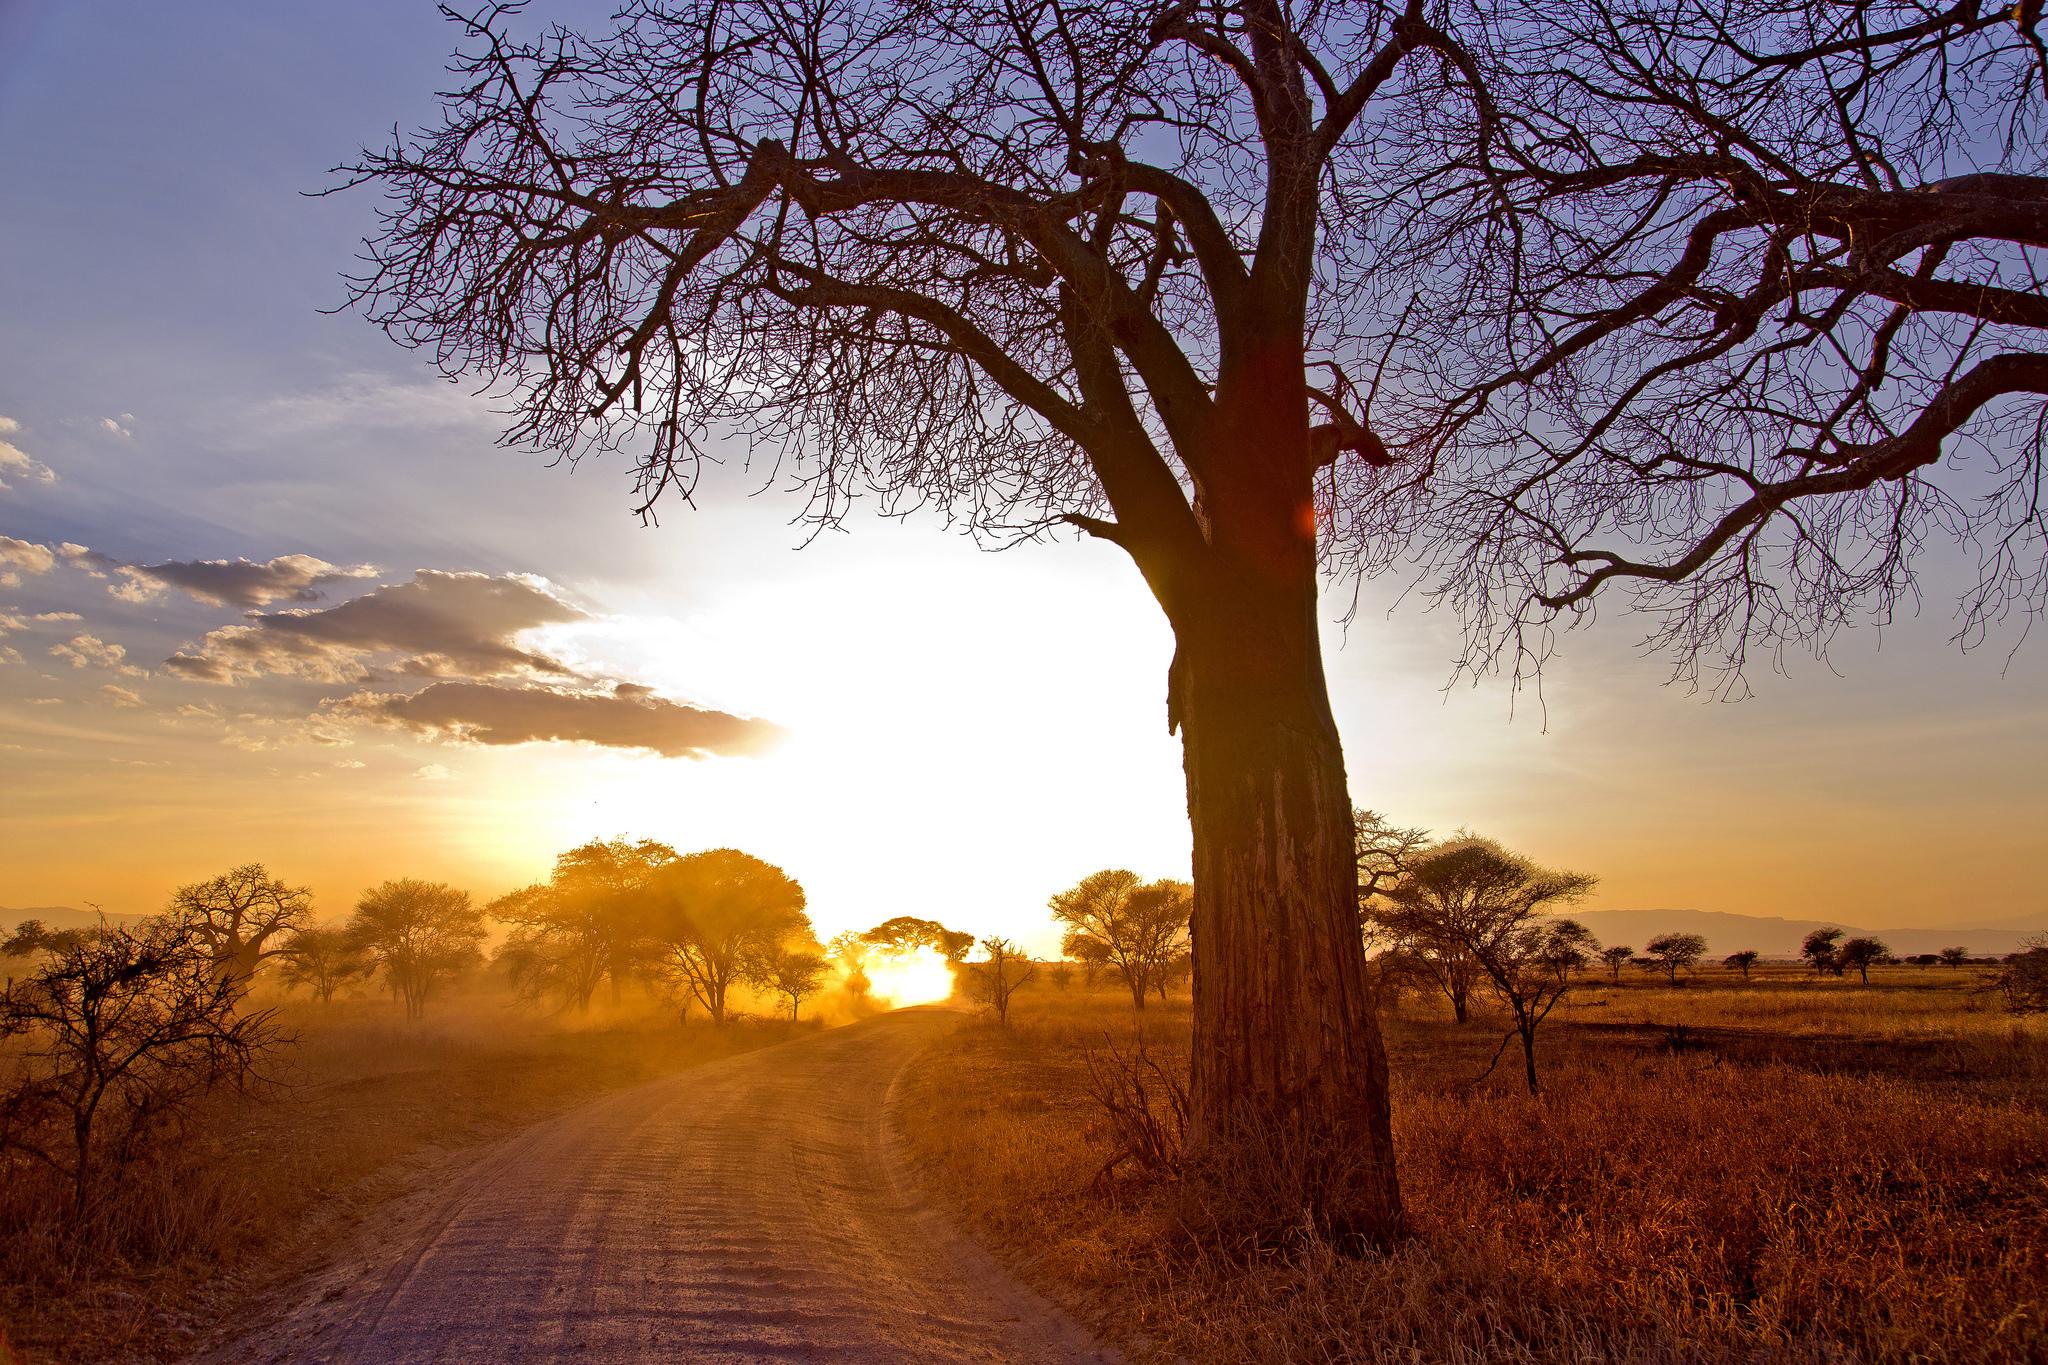 дерево дорога tree road  № 2404892  скачать